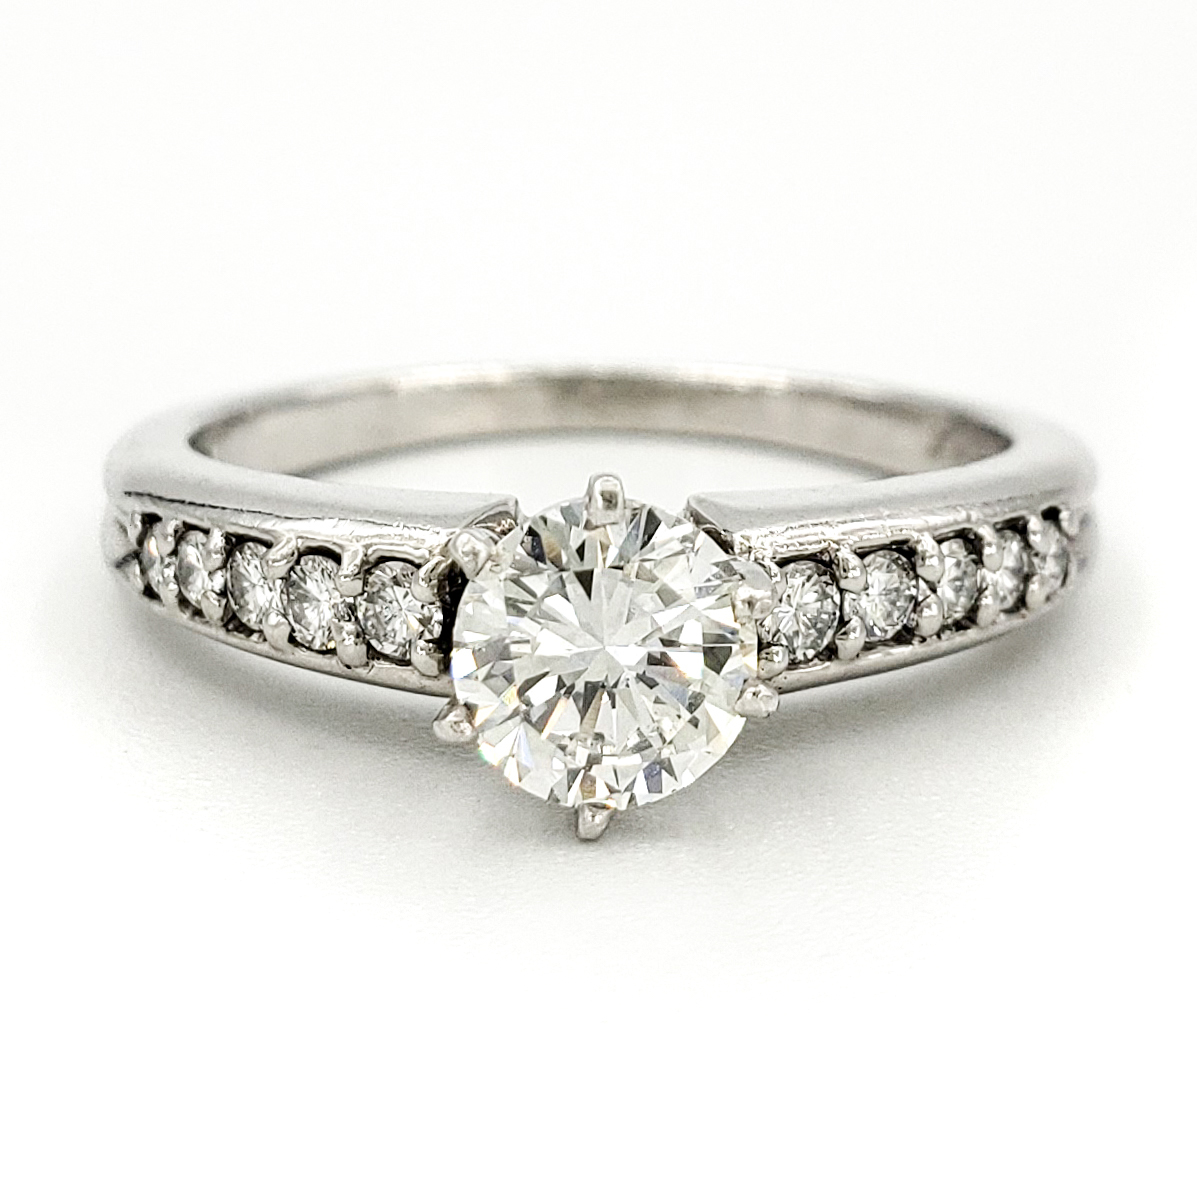 estate-platinum-engagement-ring-with-0-60-carat-round-brilliant-cut-diamond-egl-h-vs2